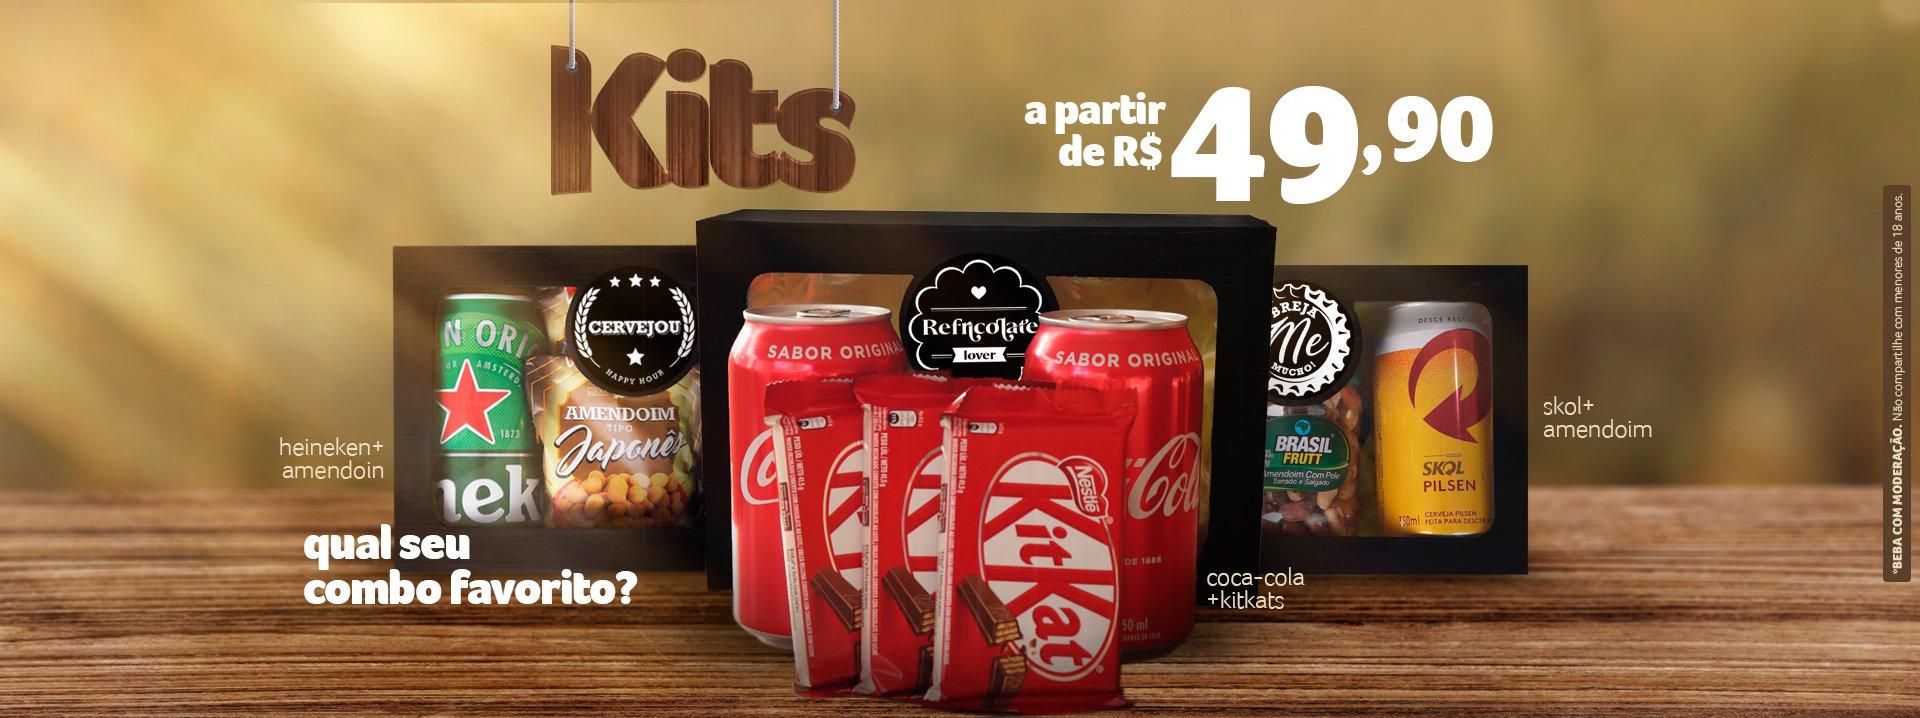 Kits por R$ 49,90